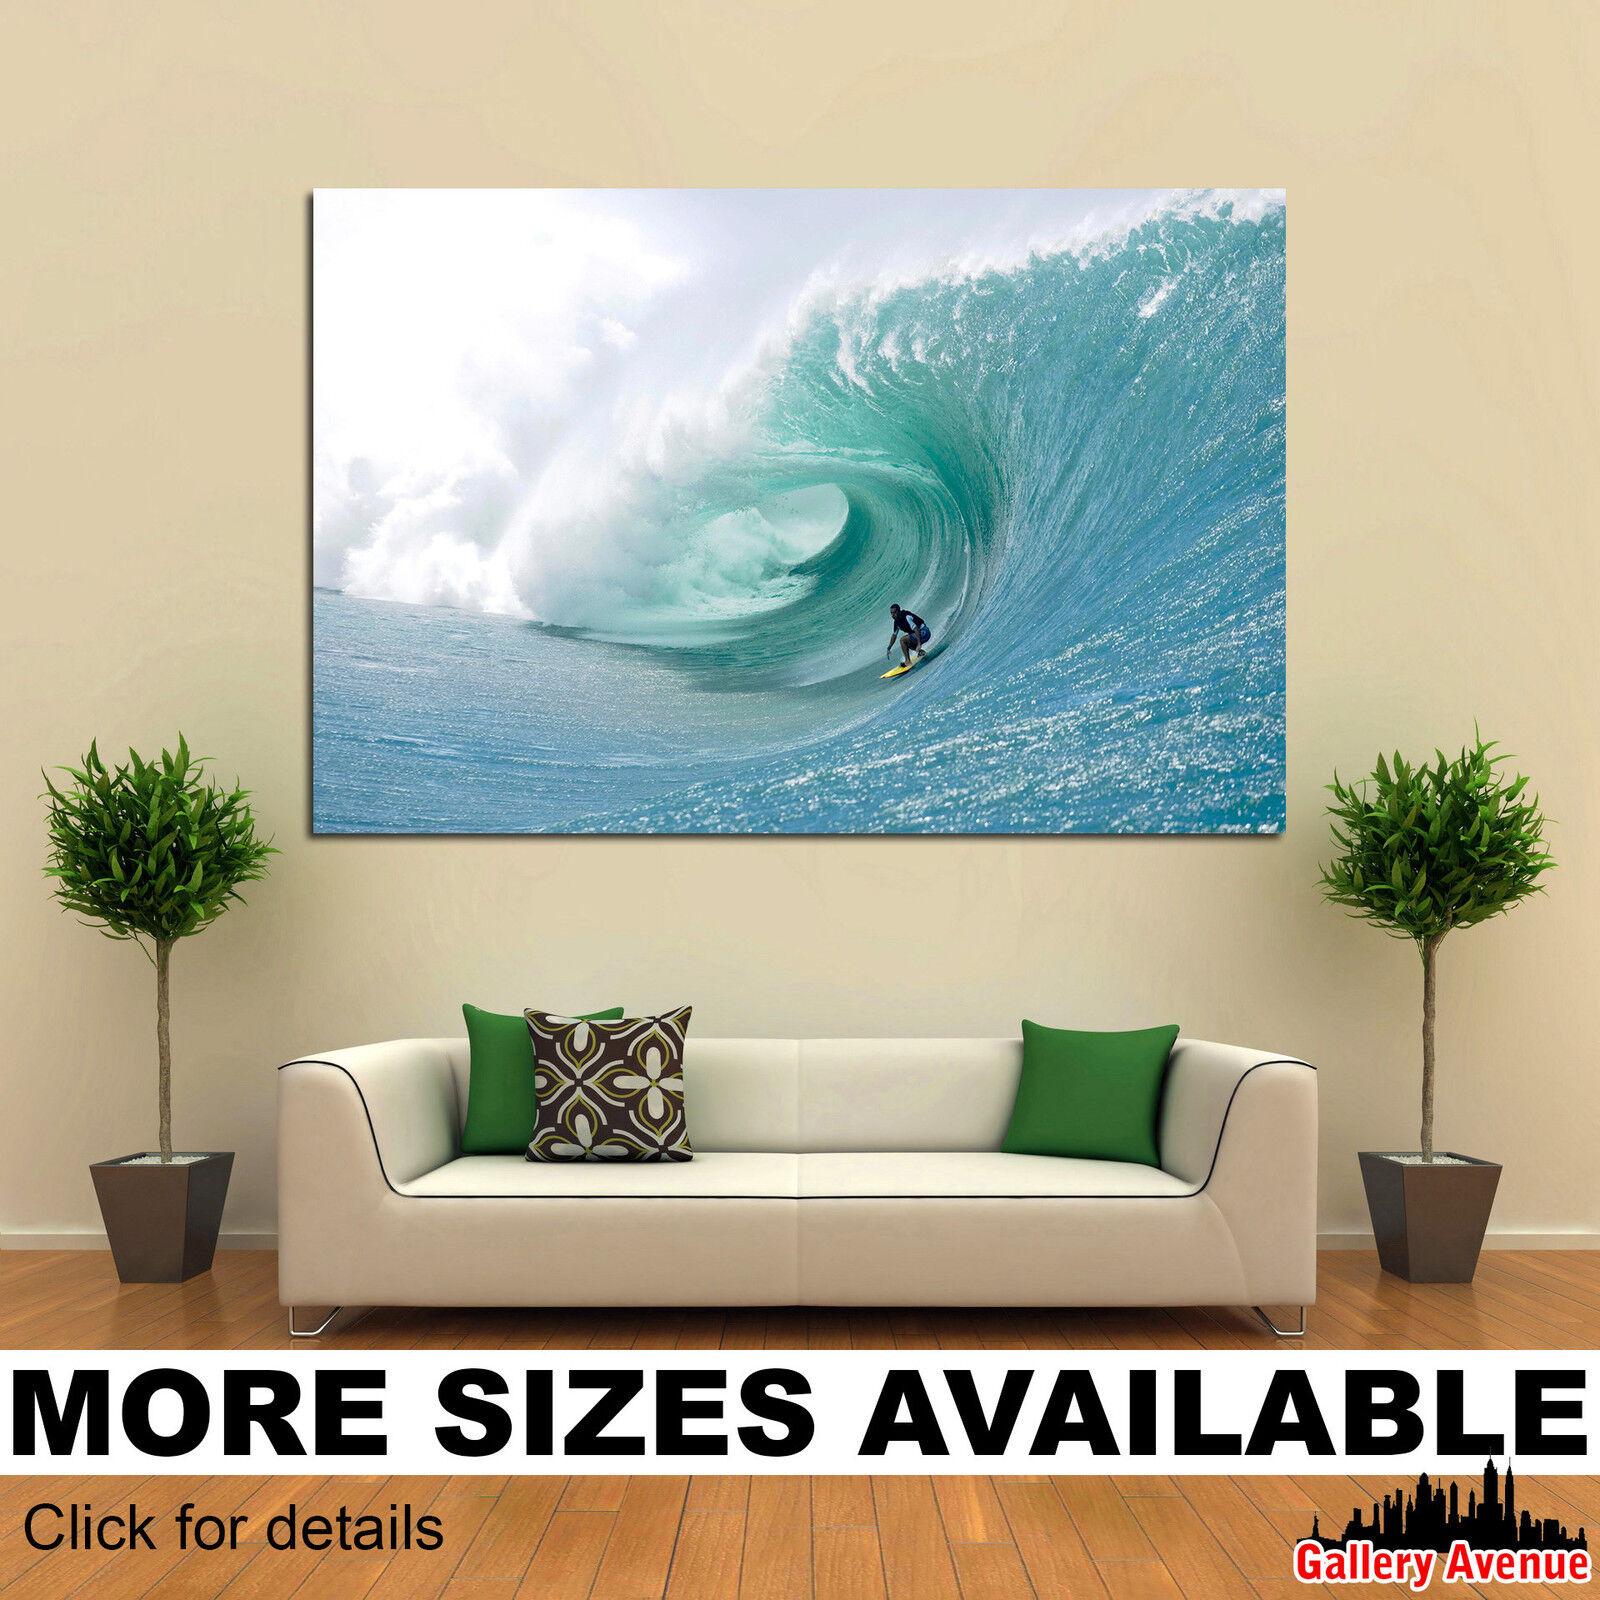 Wand Kunst Canvas Bild Drucken - Manoa Drollet Surfing 3.2